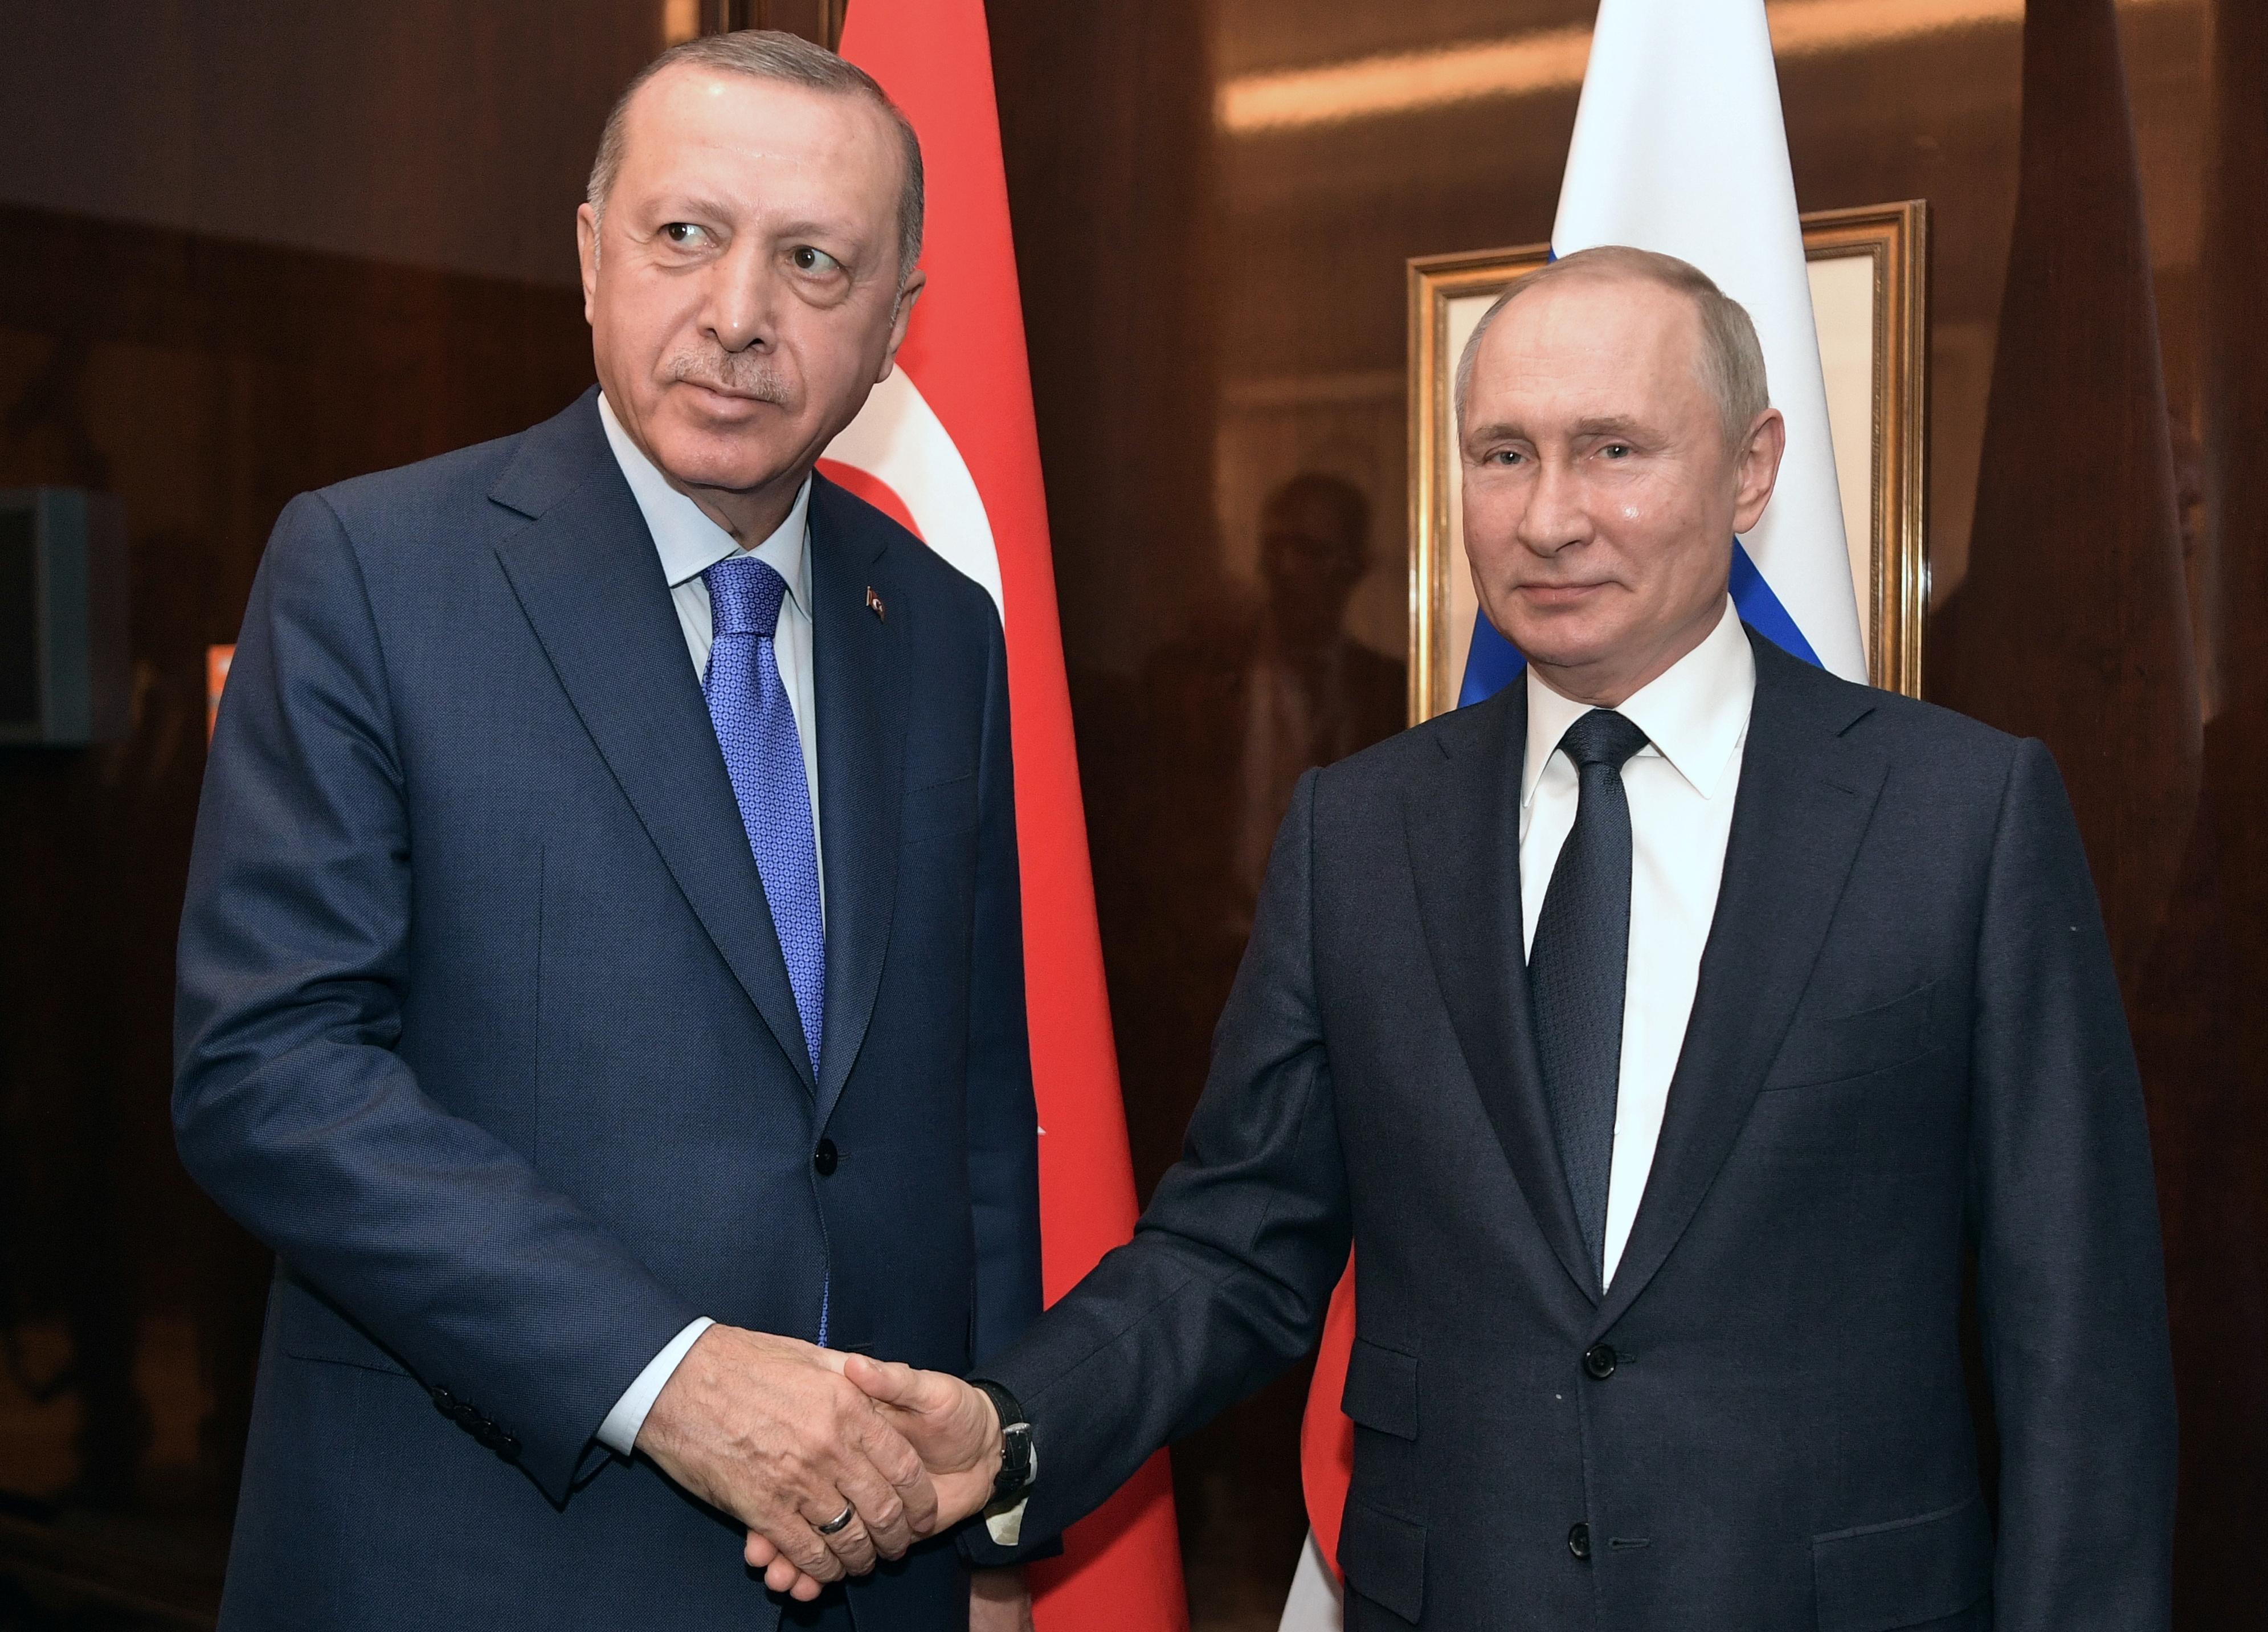 Τηλεφωνική επικοινωνία Πούτιν με Ερντογάν! Ανησυχία για την κατάσταση στο Ιντλίμπ